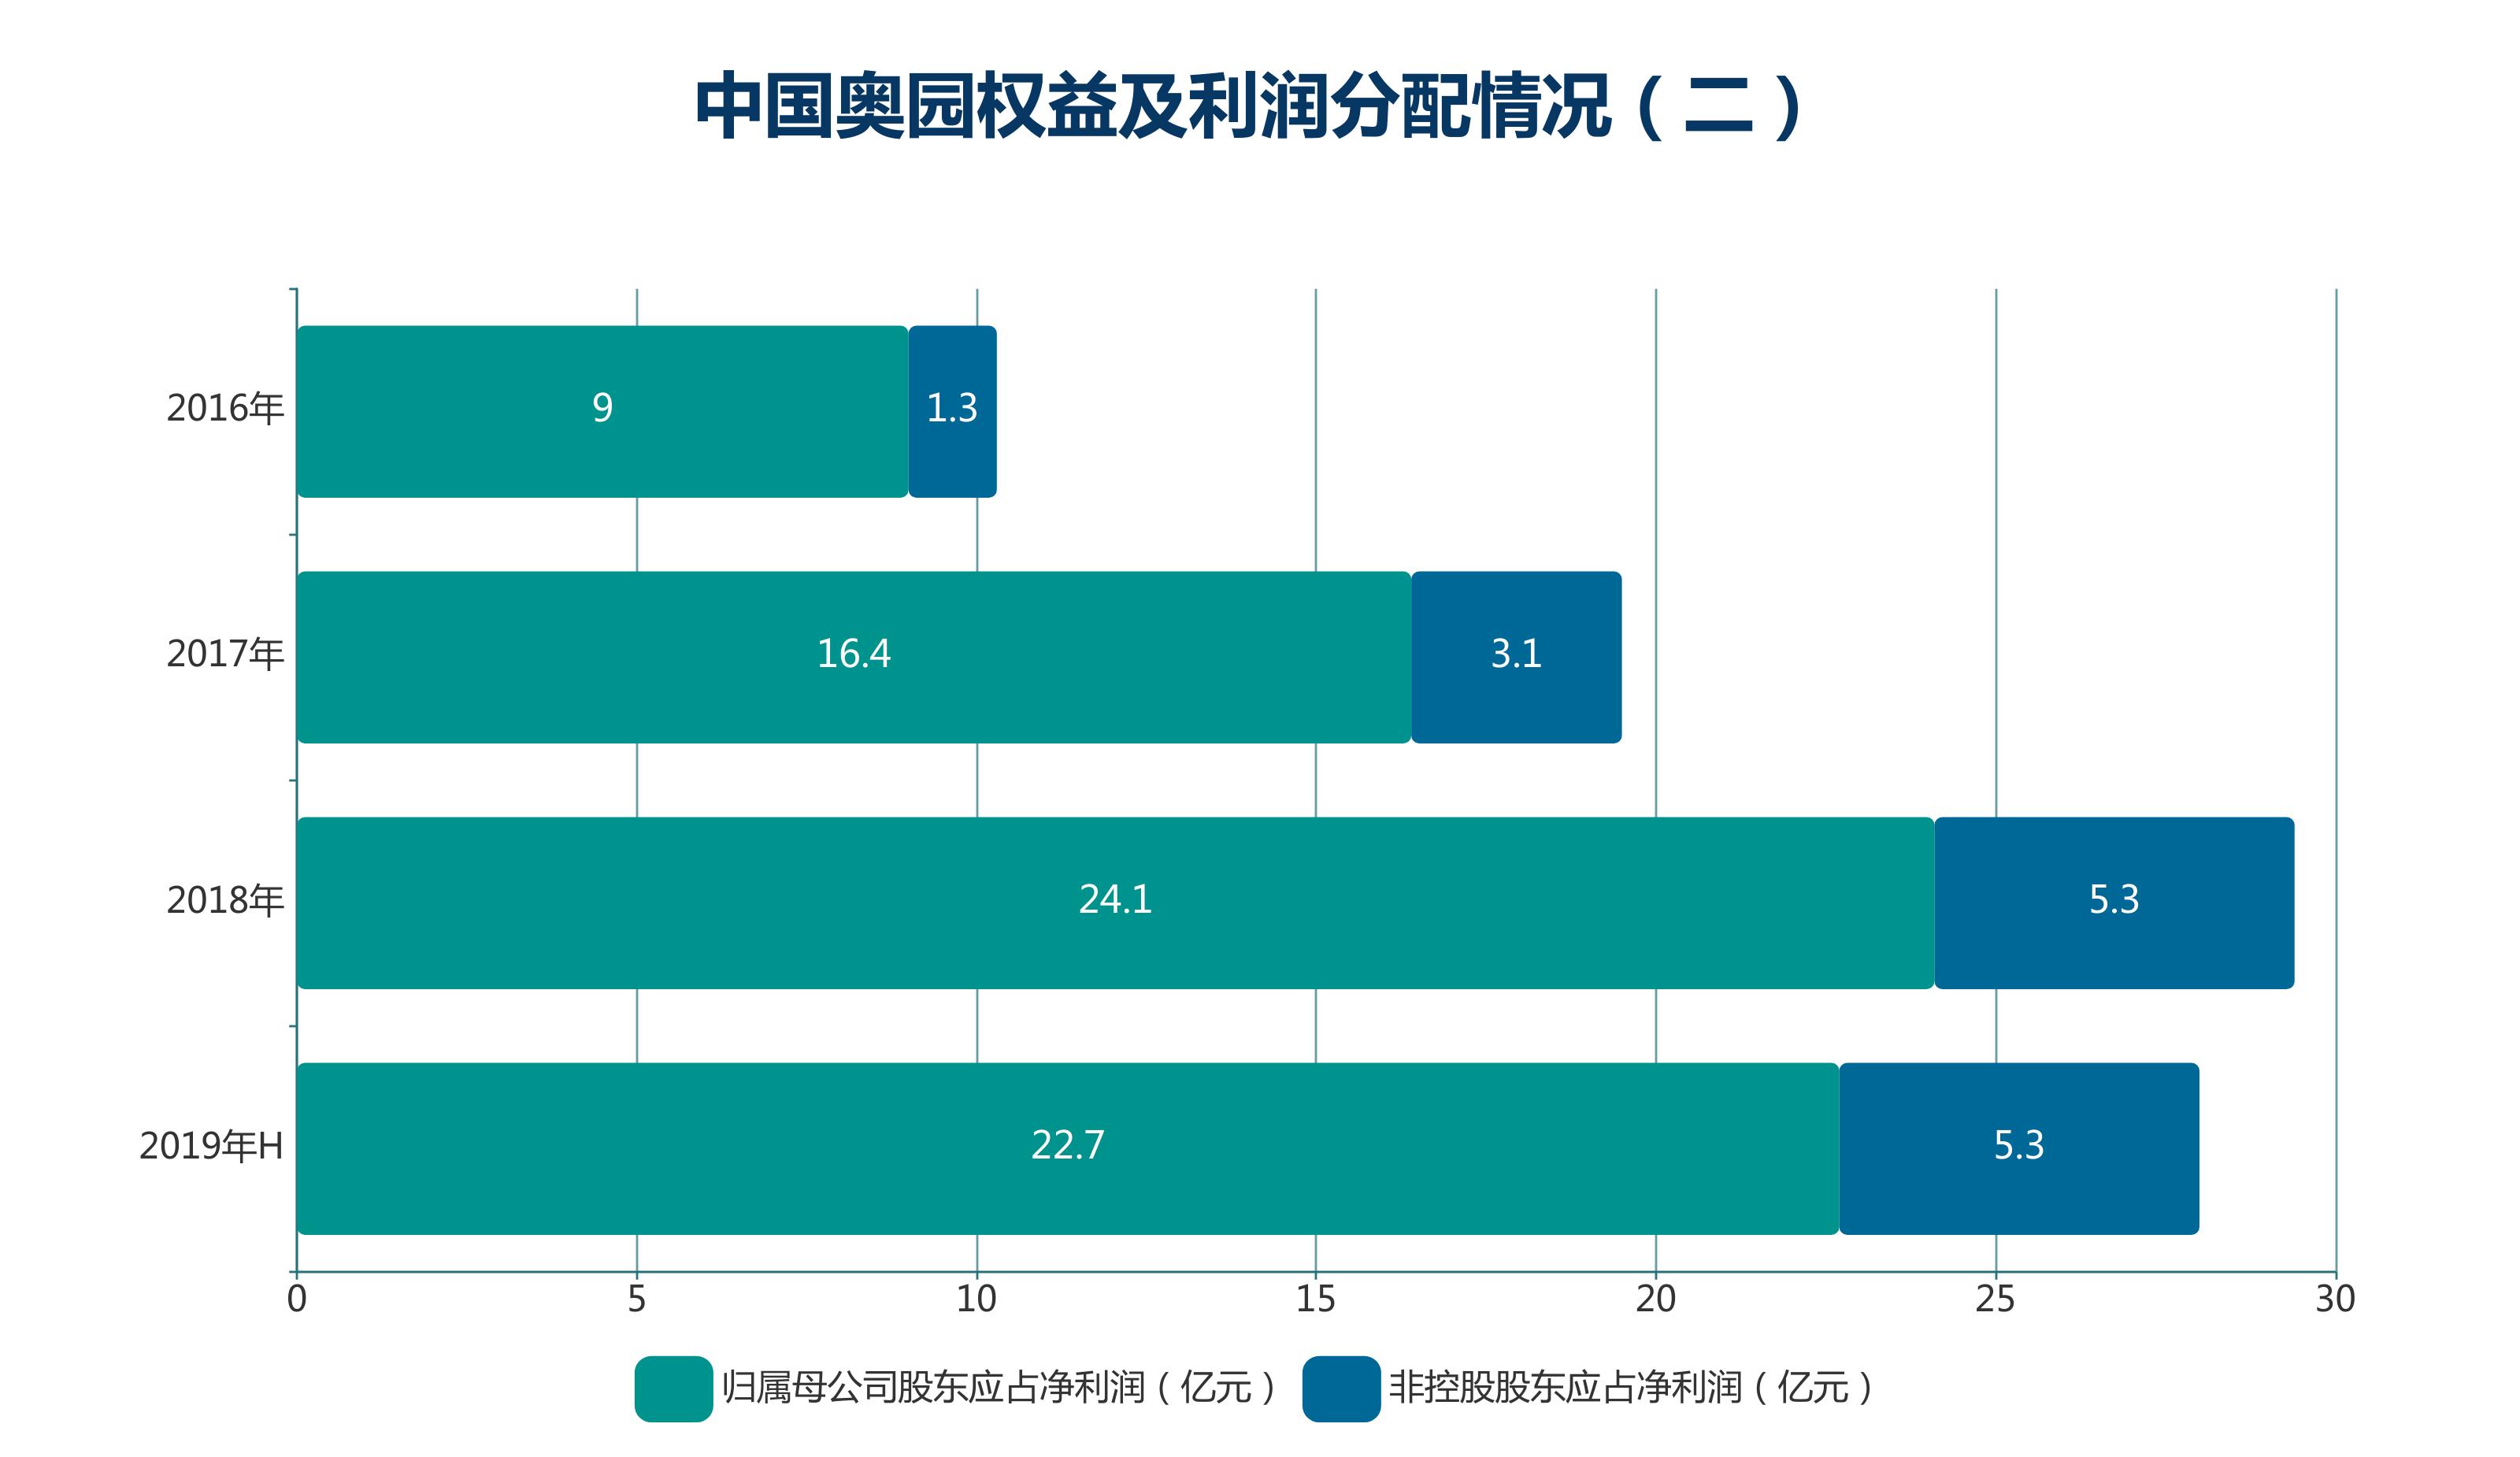 数据来源:企业公告,观点指数整理